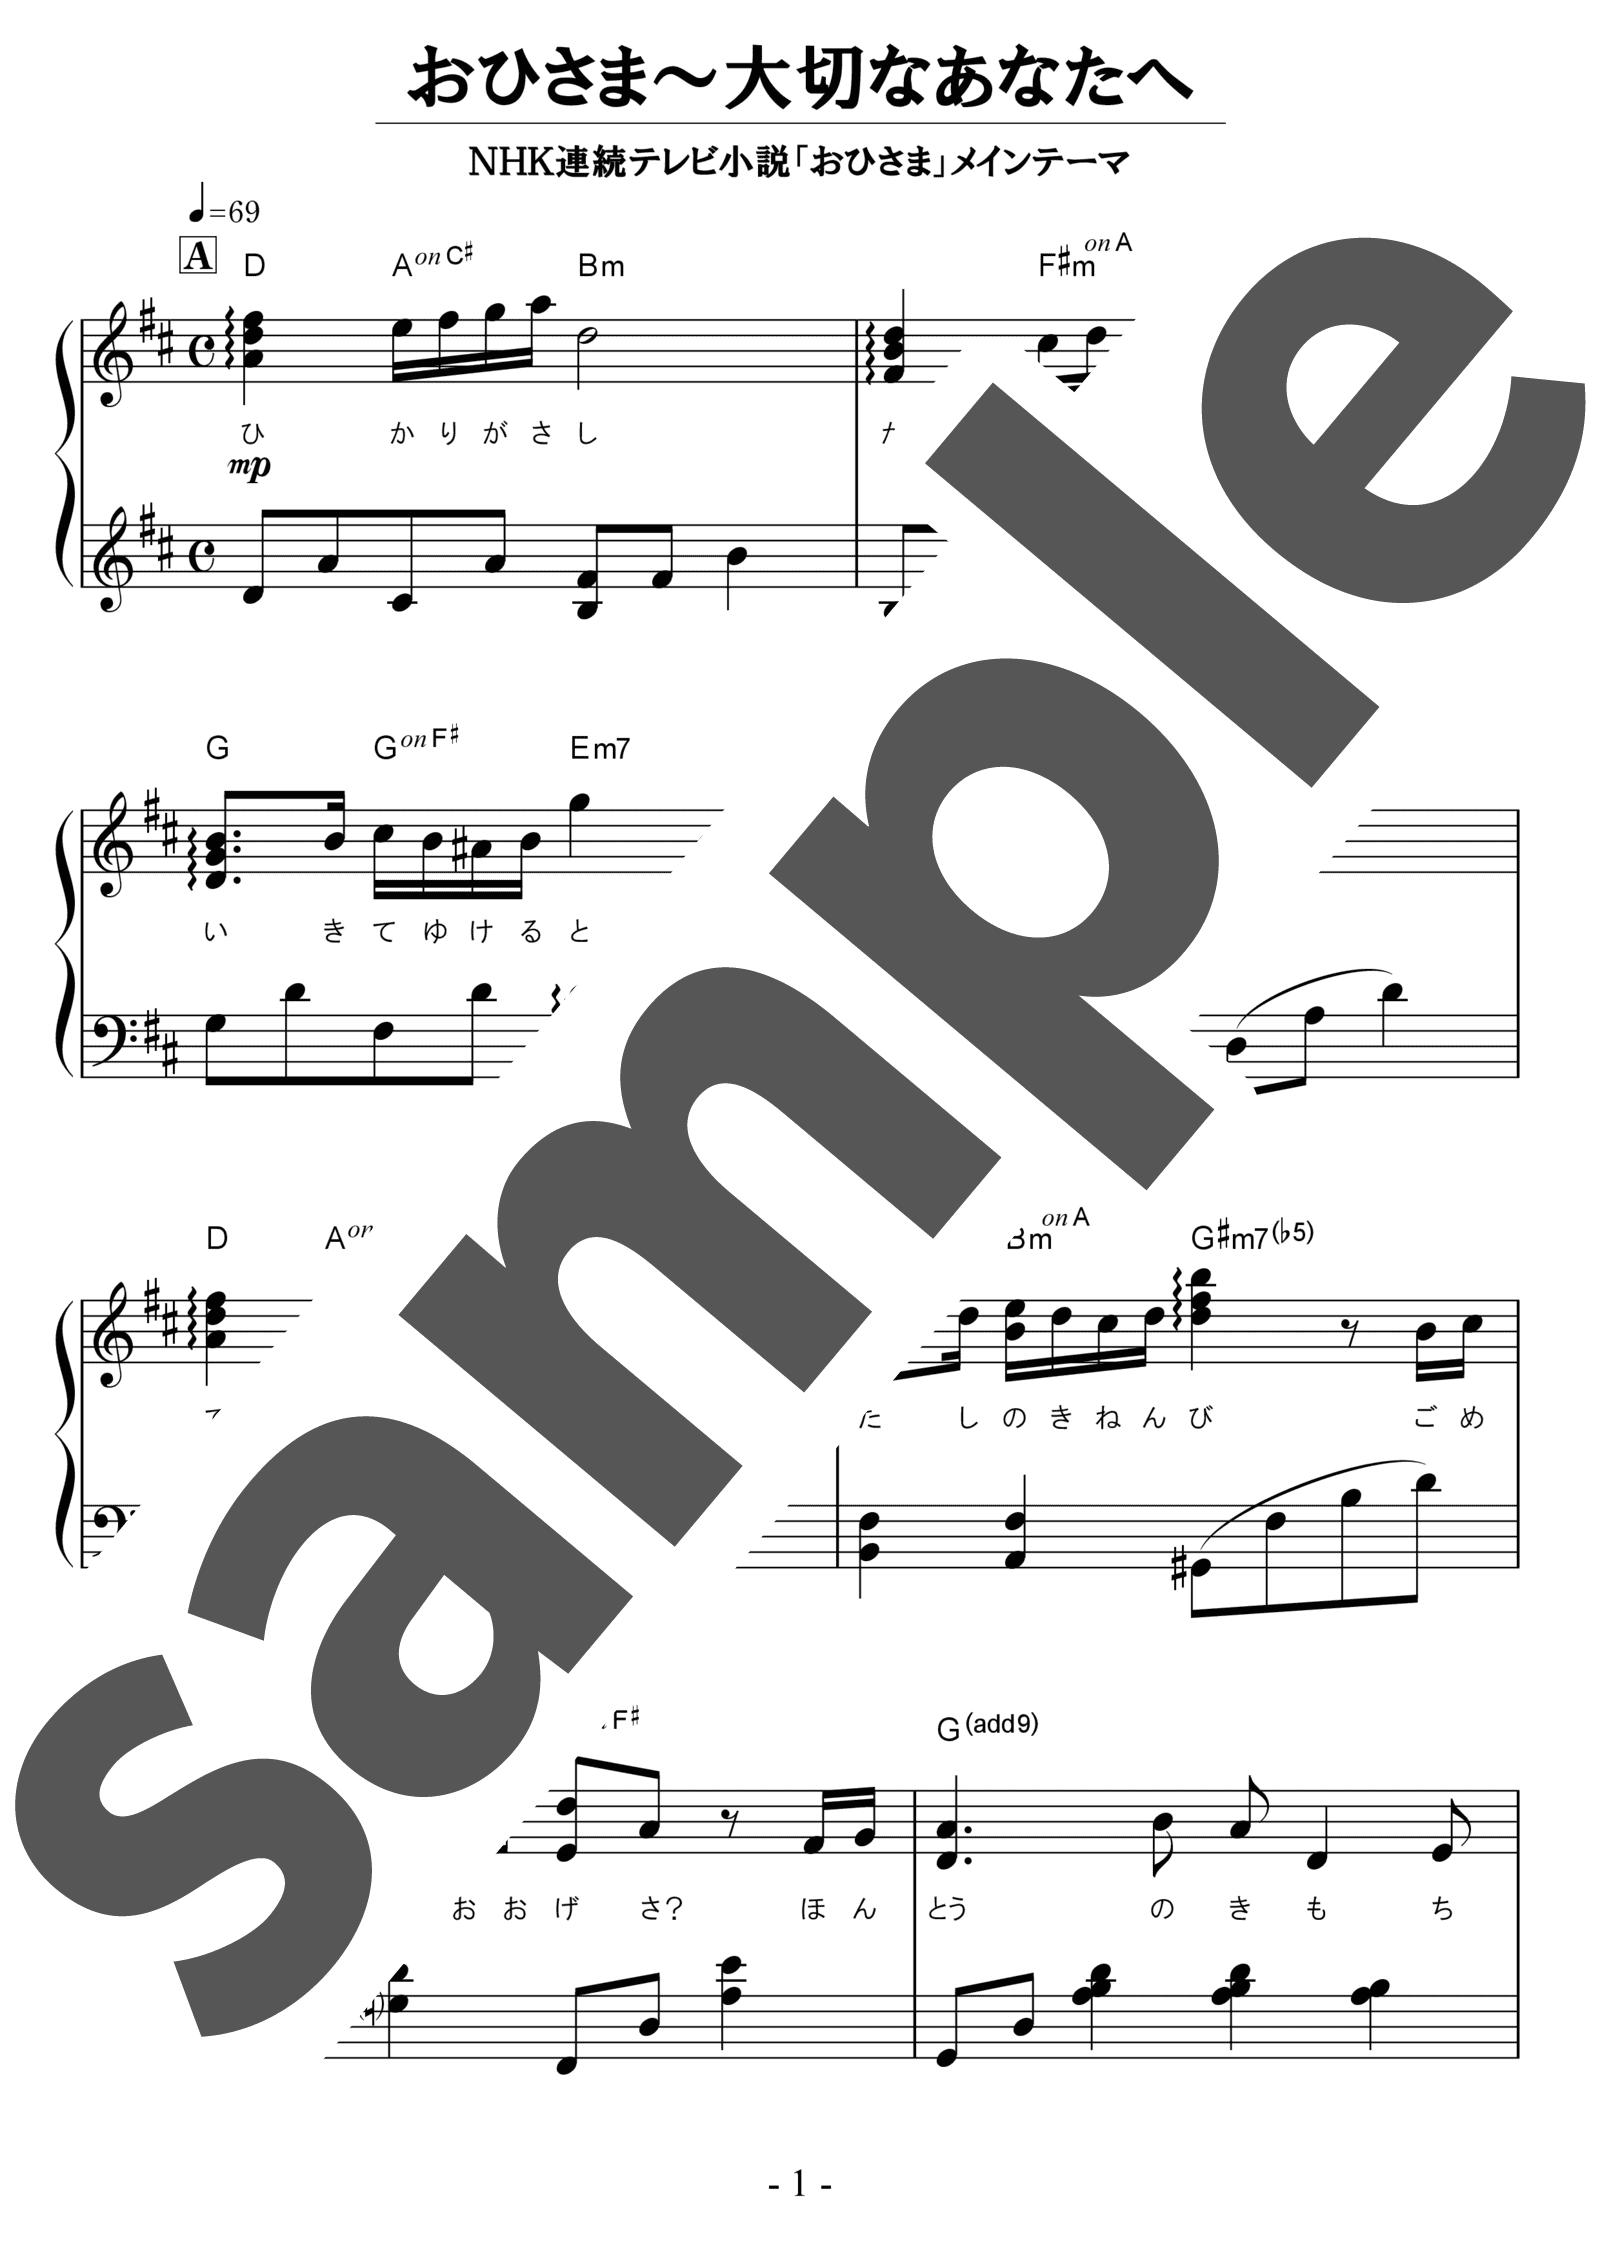 「おひさま~大切なあなたへ」のサンプル楽譜